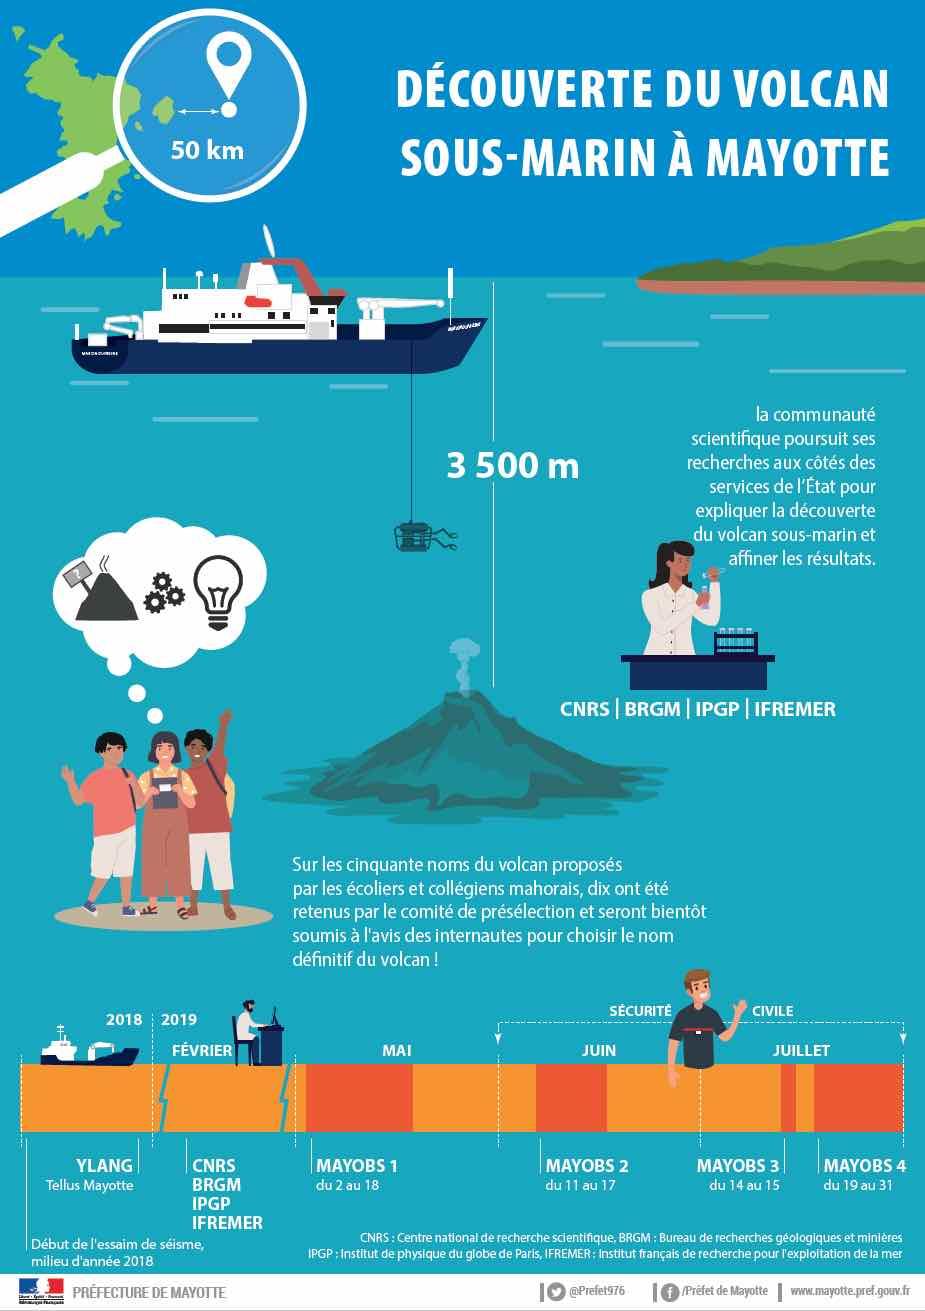 Affiche d'information sur la naissance d'un nouveau volcan à Mayotte © Préfecture de Mayotte.